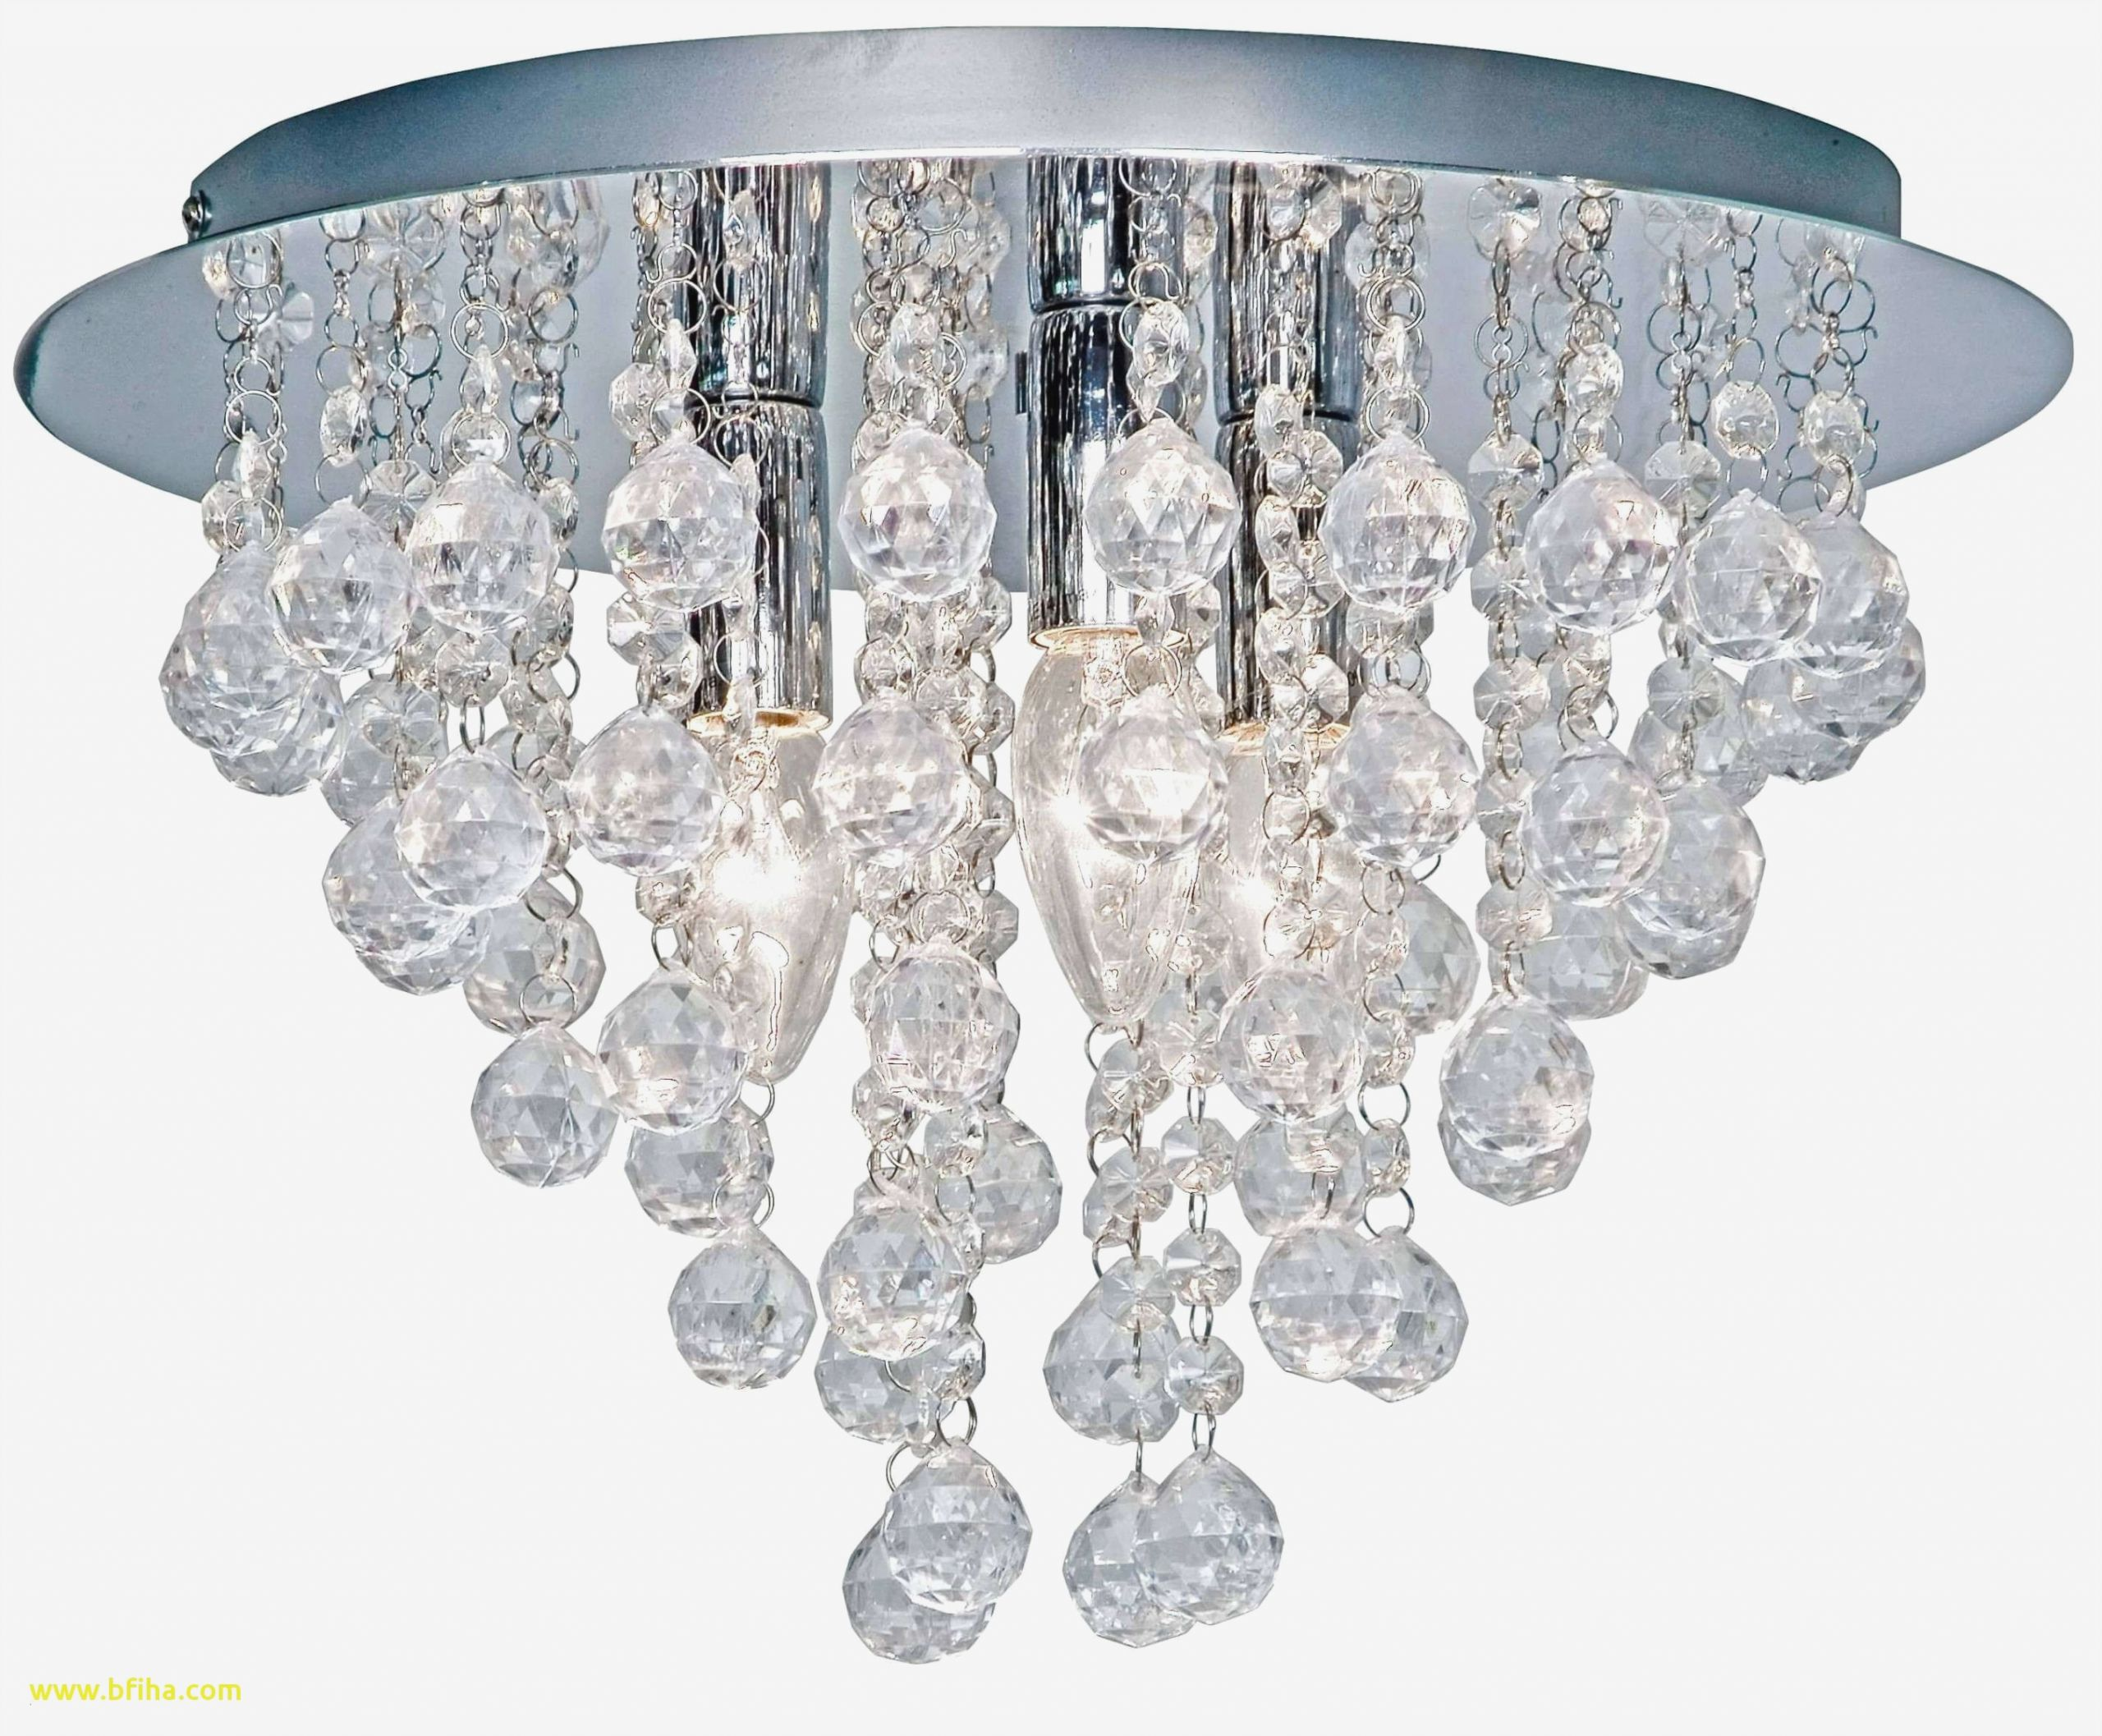 Full Size of Ikea Lampen Schlafzimmer Led Dimmbar Traumhaus Betten Bei Deckenlampen Für Wohnzimmer Küche Bad 160x200 Stehlampen Modern Designer Esstisch Kaufen Kosten Wohnzimmer Ikea Lampen